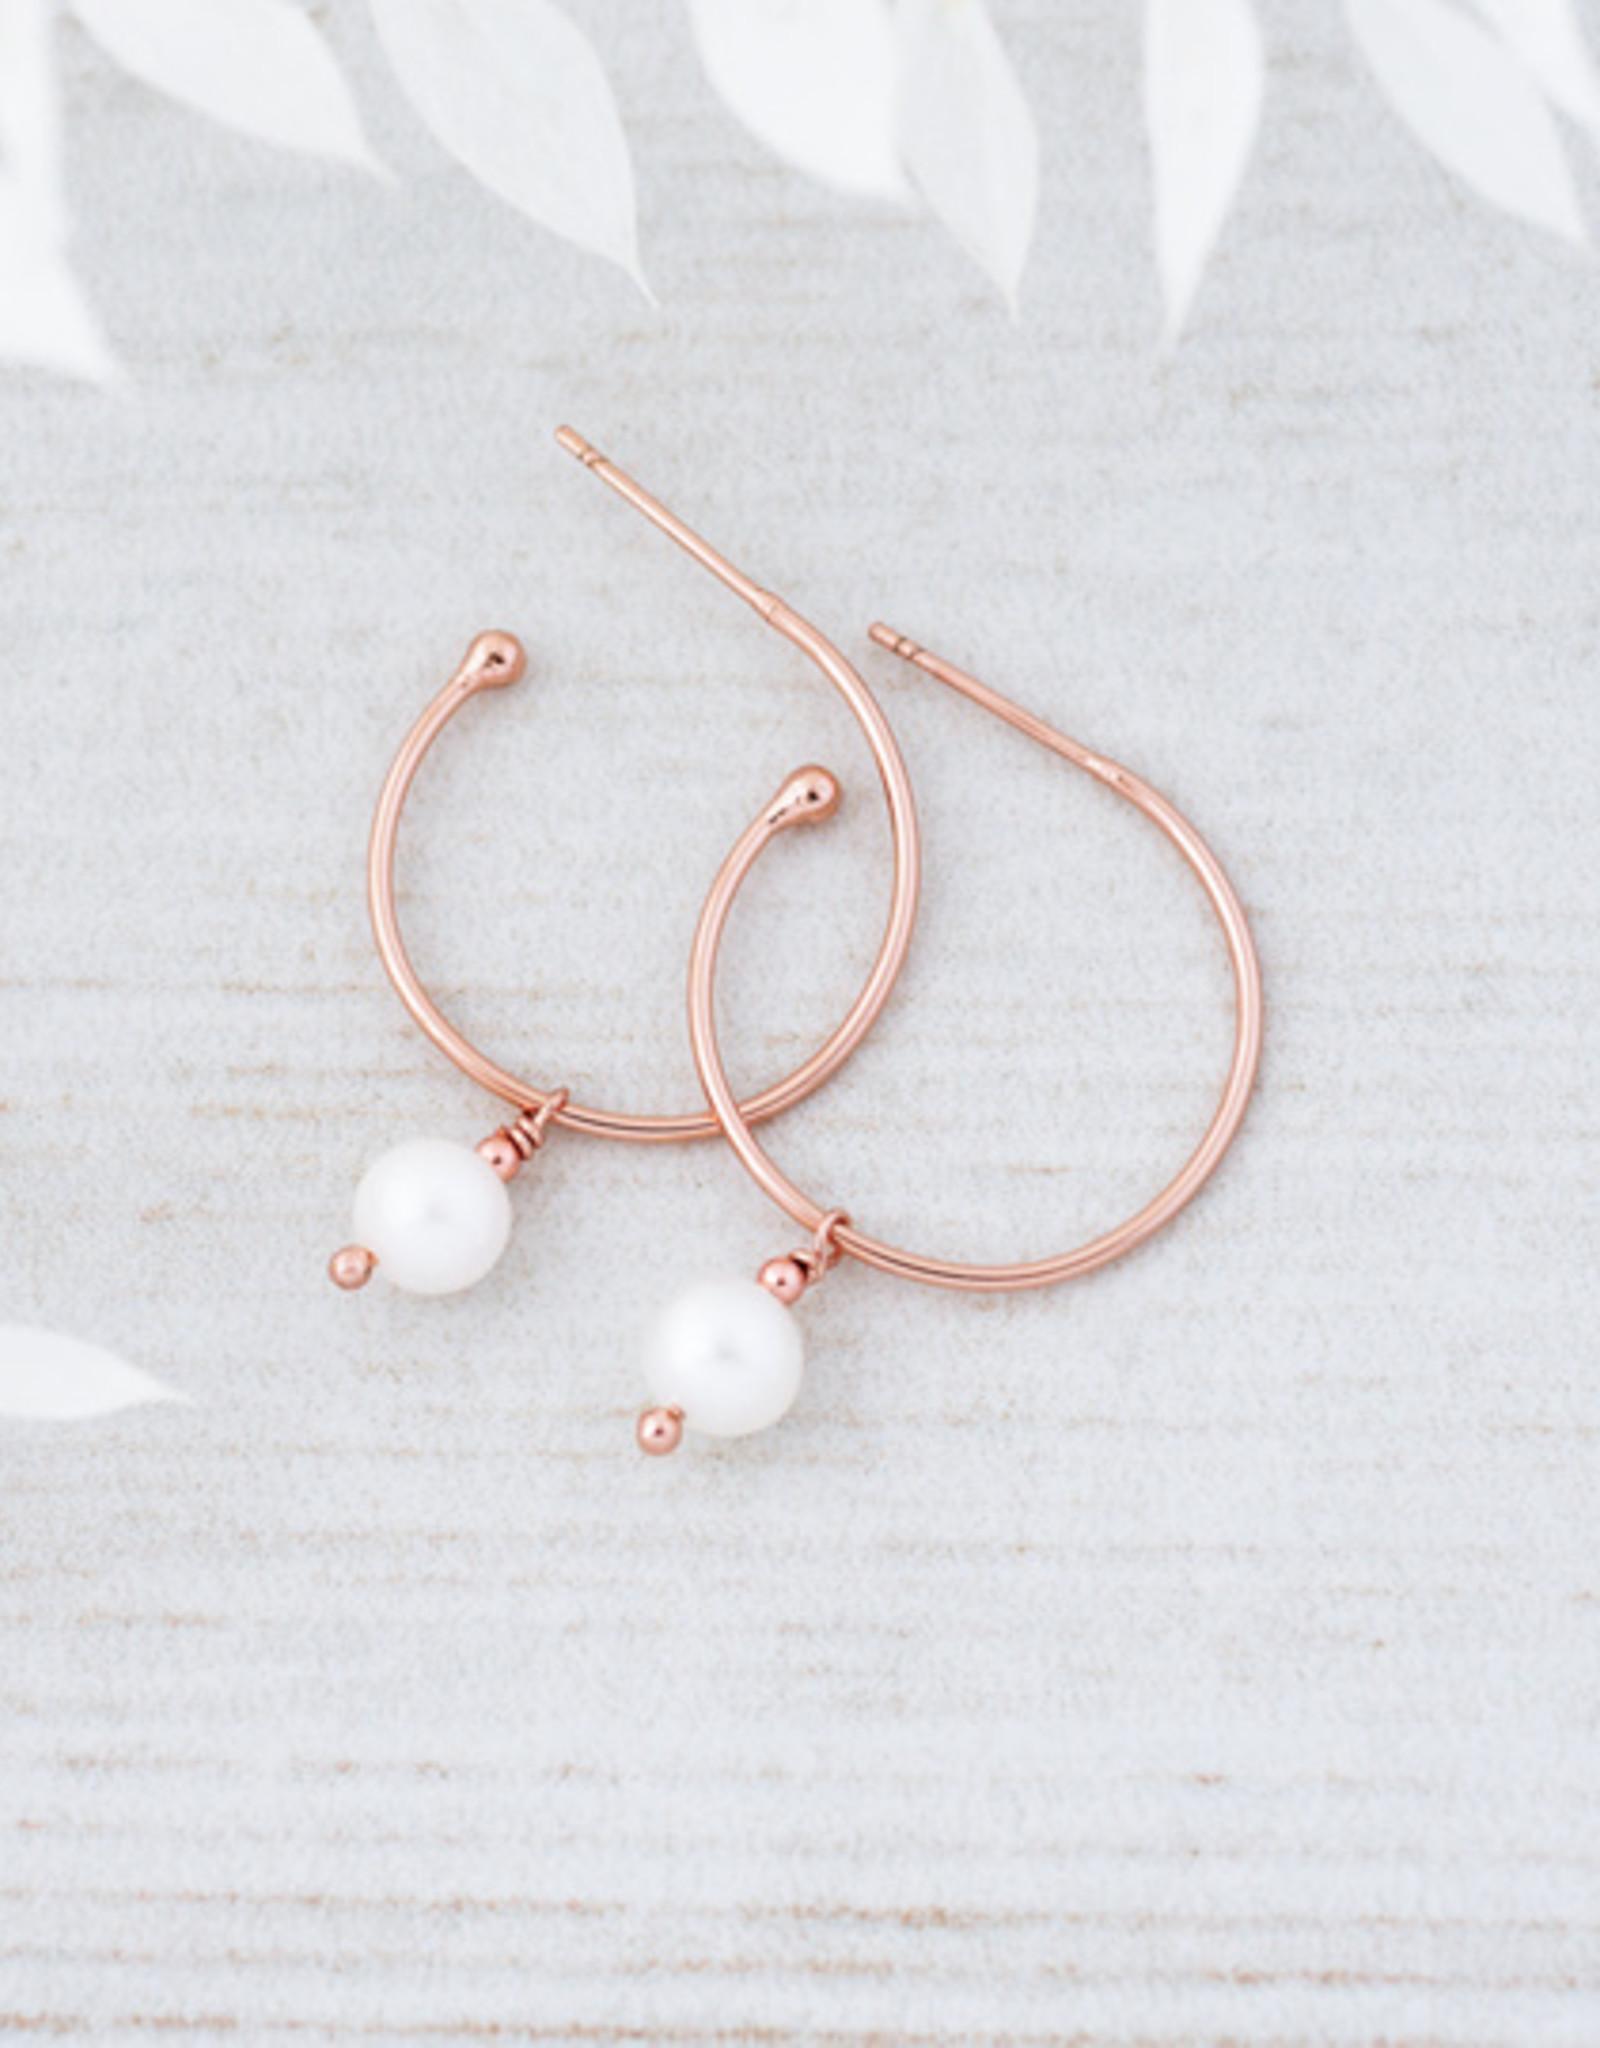 Boucles d'oreilles Passion or rose